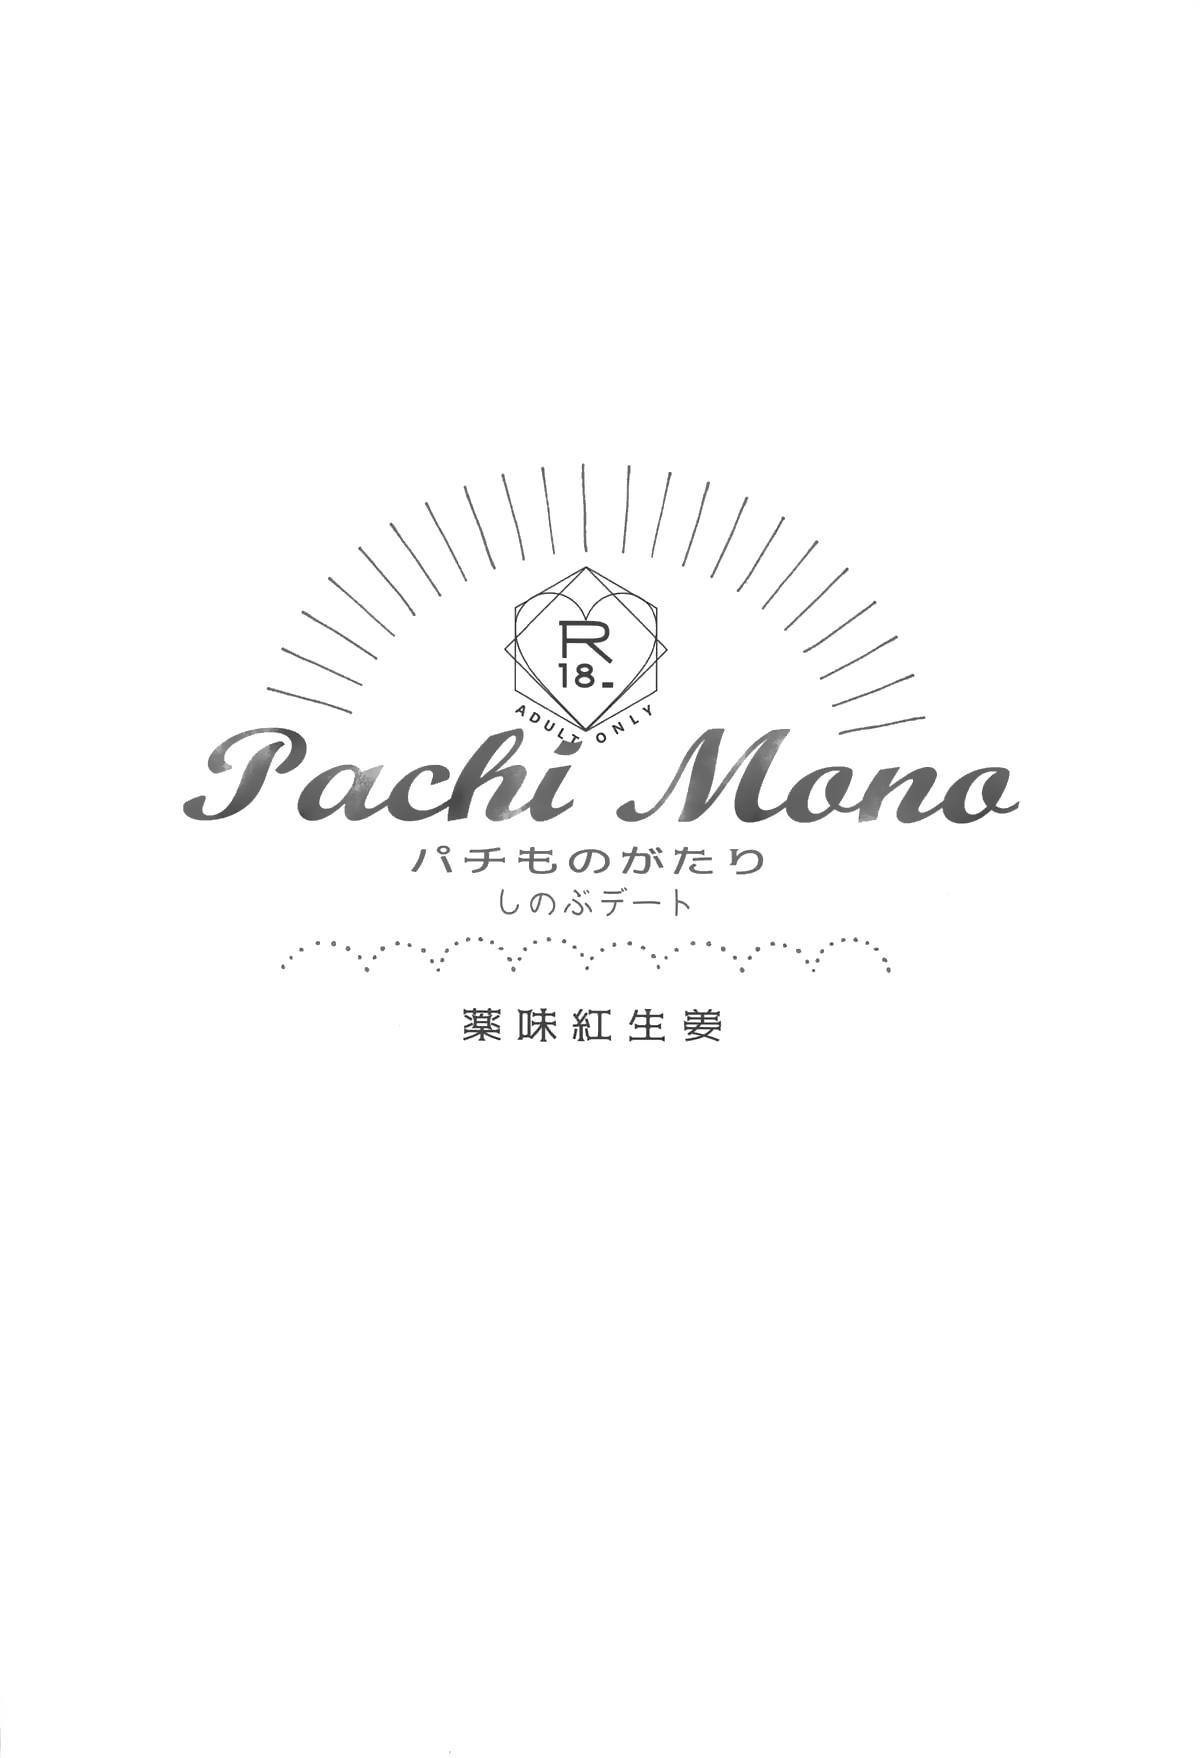 Pachimonogatari Part 18: Shinobu Date 26